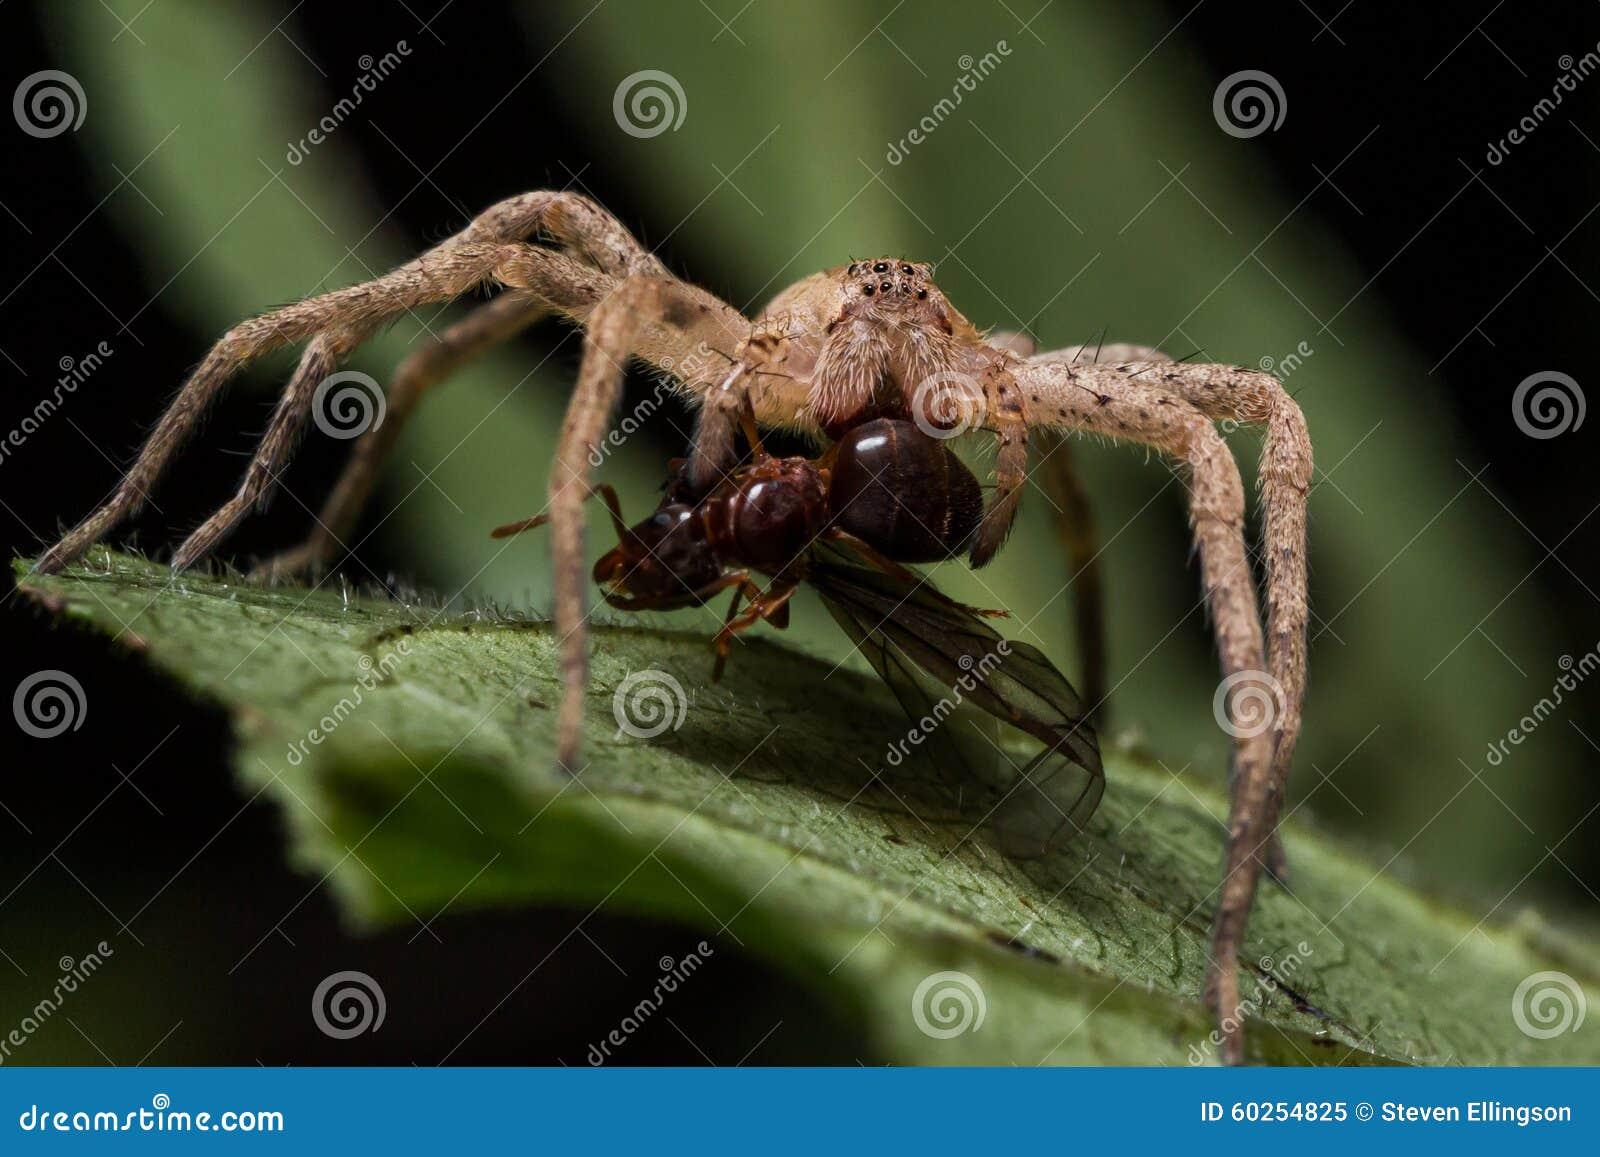 Wolf Spider Eats Red Ant auf grünem Blatt